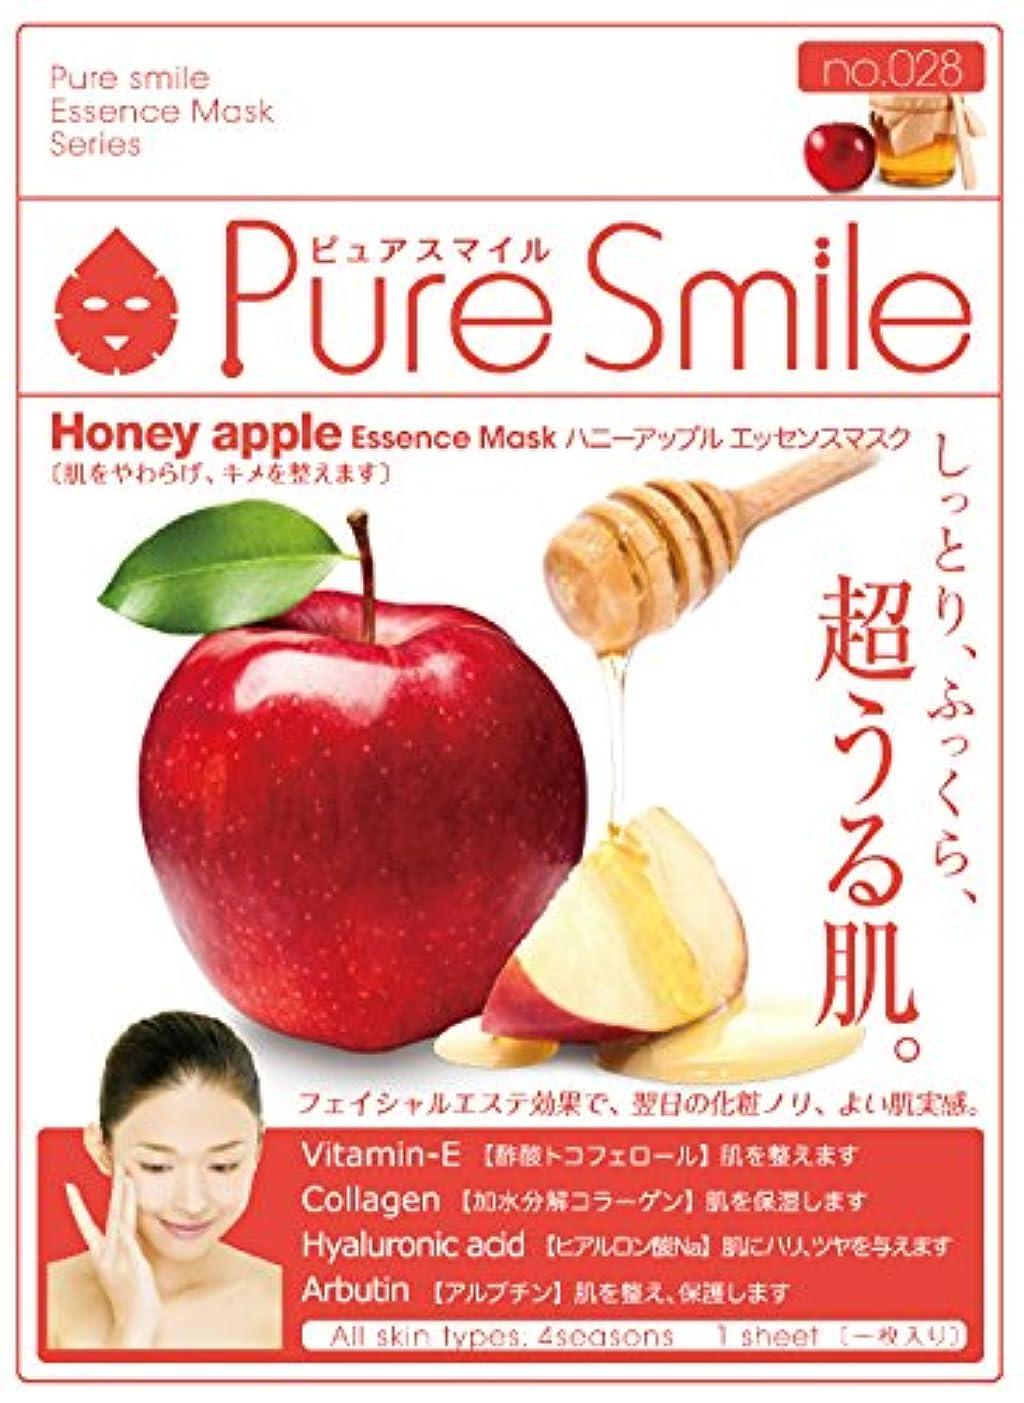 雷雨スイッチ抵抗力があるPure Smile エッセンスマスク ハニーアップル 23ml?30枚